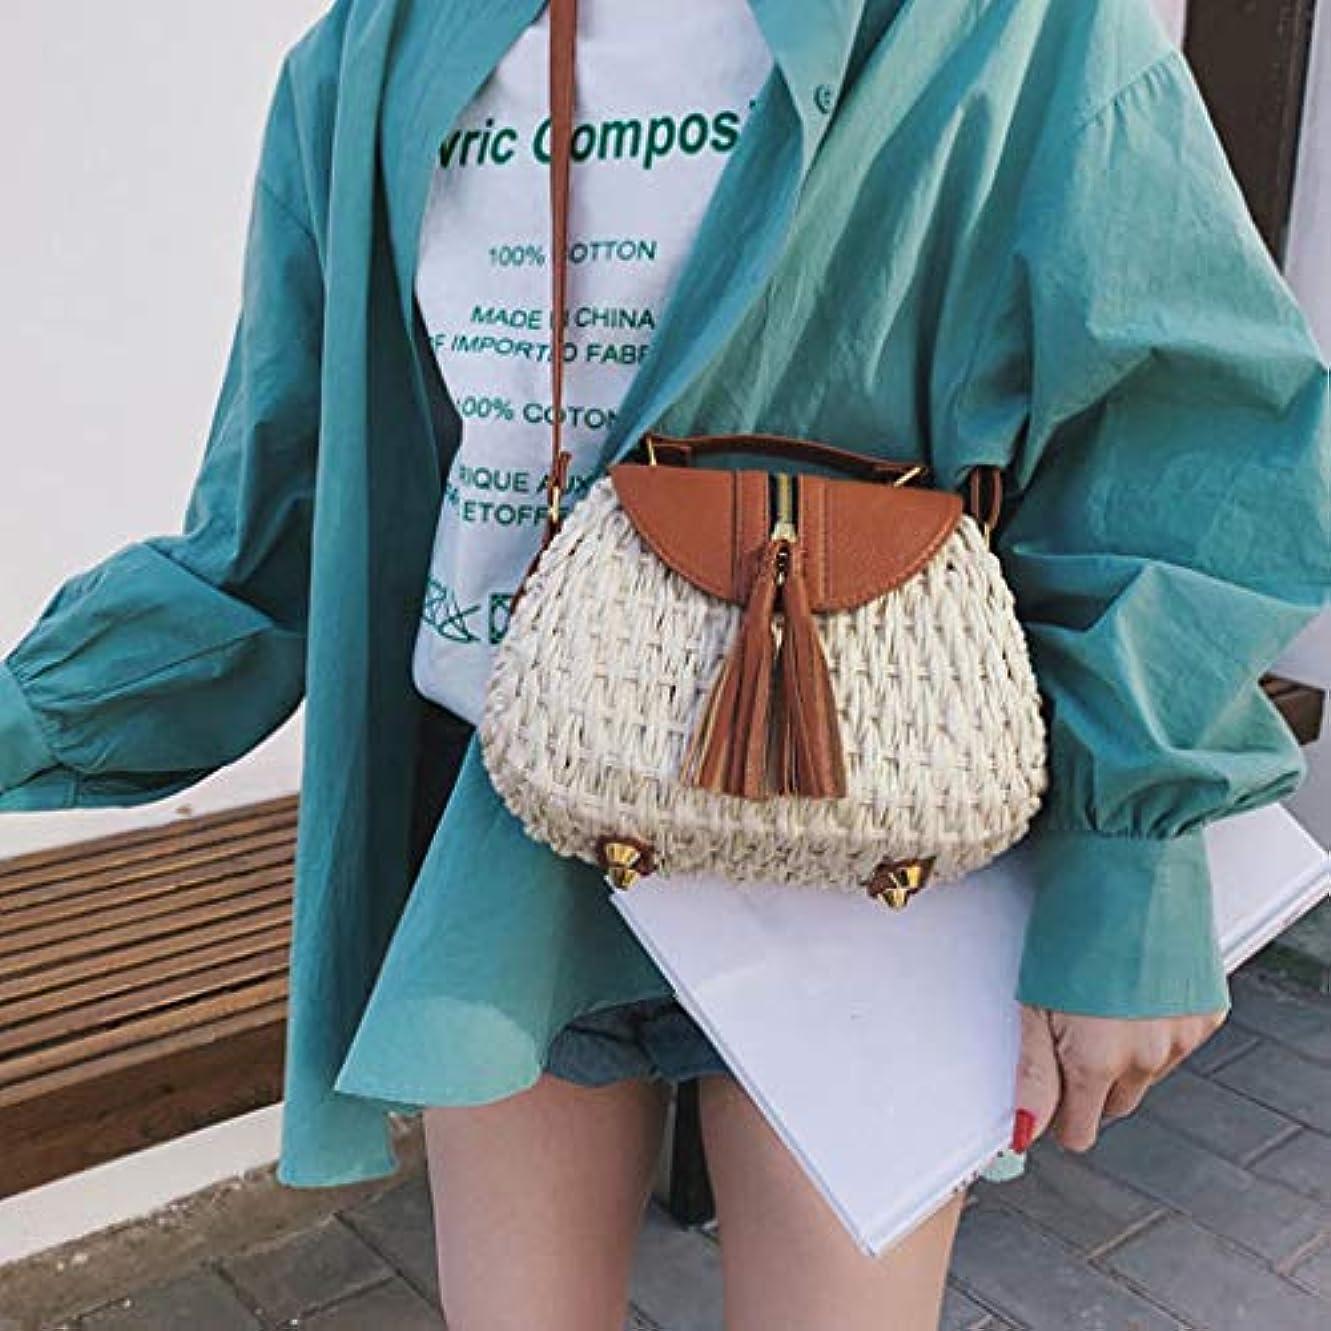 アクセサリー酸度不名誉な女性の流行のタッセルはショルダー?バッグ、女性浜の余暇のクロスボディ袋を織ります、女性のタッセルは浜様式のメッセンジャー袋を織ります、女性方法対照色のビーチ様式のメッセンジャー袋 (ベージュ)